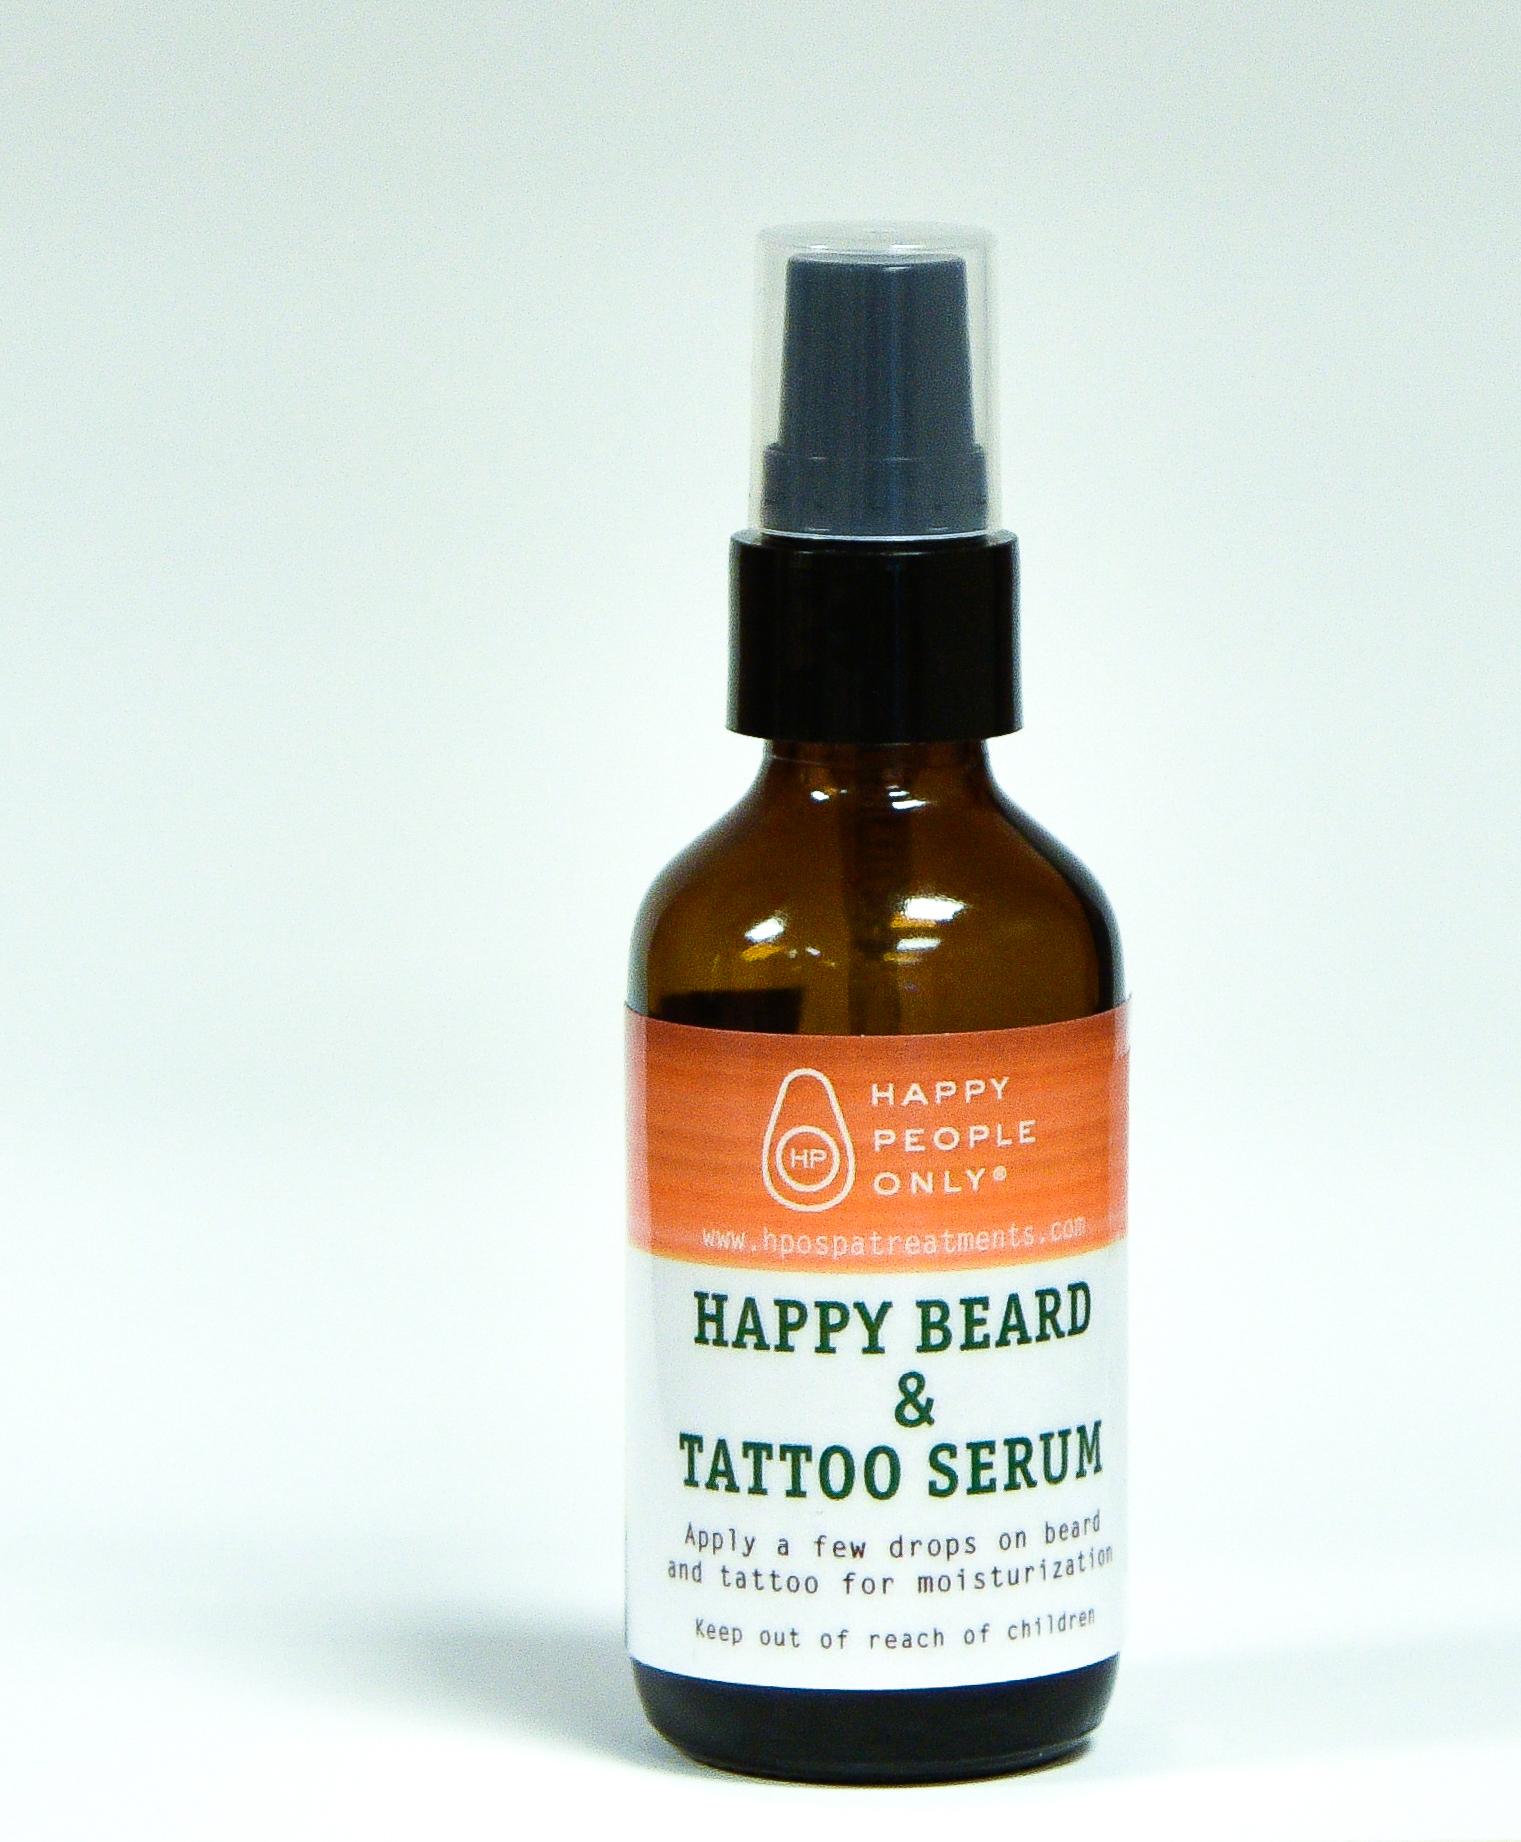 Happy Beard & Tattoo Serum